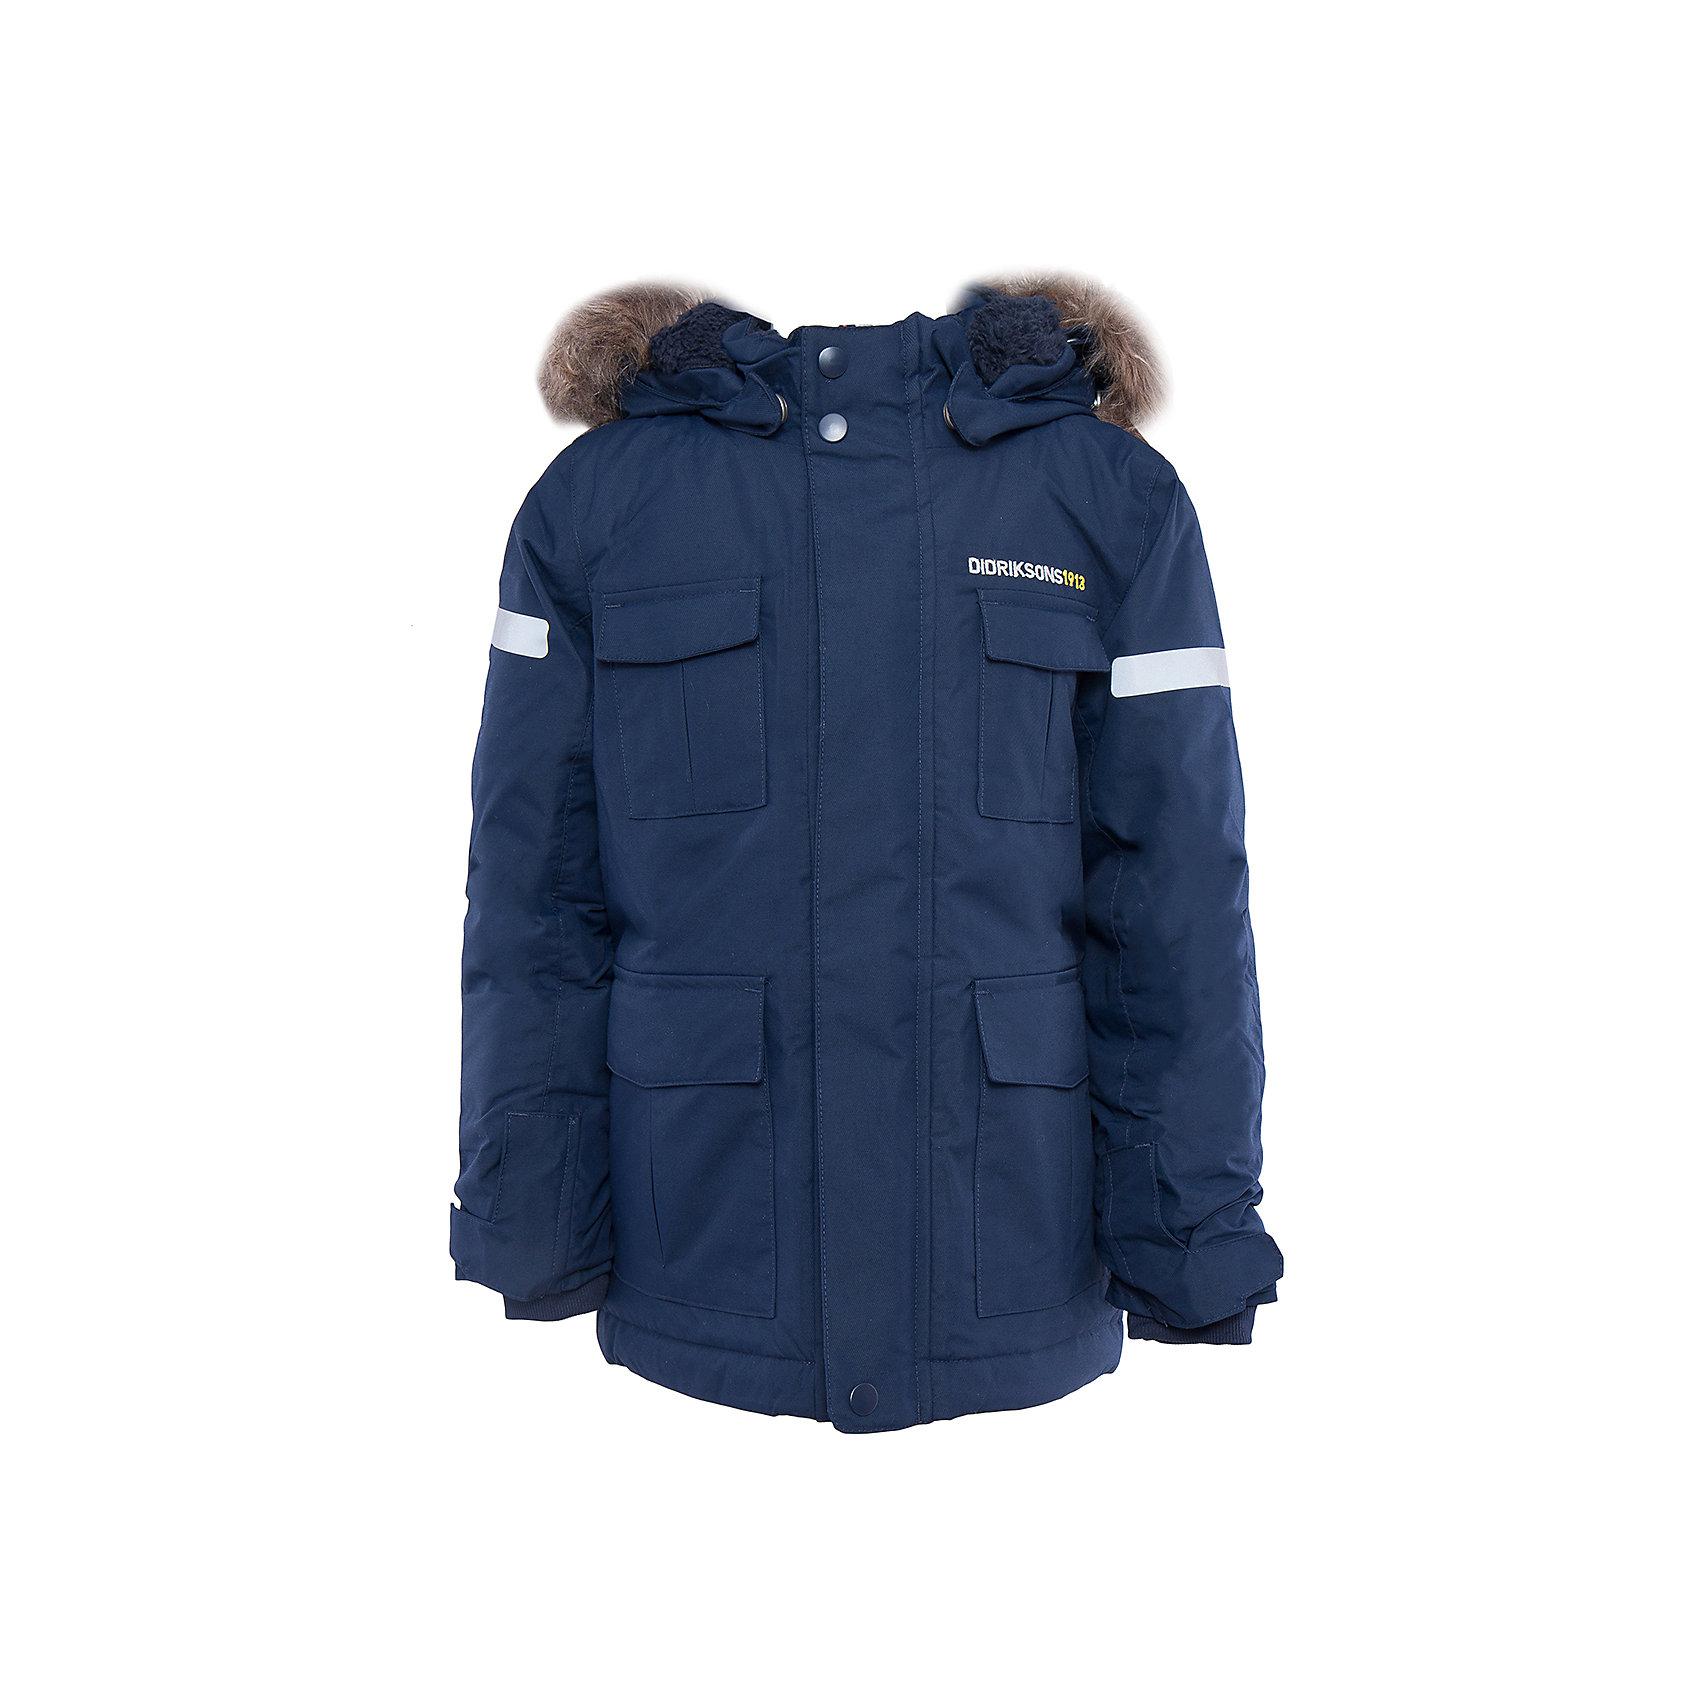 Куртка-парка Nokosi DIDRIKSONSВерхняя одежда<br>Характеристики товара:<br><br>• цвет: синий<br>• материал: 100% полиамид, подкладка 100% полиэстер<br>• утеплитель: 160 г/м<br>• сезон: зима<br>• температурный режим от +5 до -20С<br>• непромокаемая и непродуваемая мембранная ткань<br>• на спине подкладка из искусственного меха<br>• дополнительная пропитка верха<br>• прокленные швы<br>• регулируемый съемный капюшон<br>• ширина рукавов регулируется<br>• съемный мех на капюшоне<br>• внутренние трикотажные манжеты<br>• фронтальная молния под планкой<br>• светоотражающие детали<br>• можно увеличить длину рукавов на один размер <br>• страна бренда: Швеция<br>• страна производства: Бангладеш<br><br>Куртки парки сейчас на пике молодежной моды! Это не только стильно, но еще и очень комфортно, а также тепло. Эта качественная парка обеспечит ребенку удобство при прогулках и активном отдыхе зимой. Такая модель от шведского производителя легко трансформируется под рост ребенка и погодные условия.<br>Парка сшита из мембранной ткани, которая позволяет телу дышать, но при этом не промокает и не продувается. Очень стильная и удобная модель! Изделие качественно выполнено, сделано из безопасных для детей материалов. <br><br>Куртку от бренда DIDRIKSONS можно купить в нашем интернет-магазине.<br><br>Ширина мм: 356<br>Глубина мм: 10<br>Высота мм: 245<br>Вес г: 519<br>Цвет: голубой<br>Возраст от месяцев: 12<br>Возраст до месяцев: 15<br>Пол: Мужской<br>Возраст: Детский<br>Размер: 120,90,100,110,80<br>SKU: 5003968